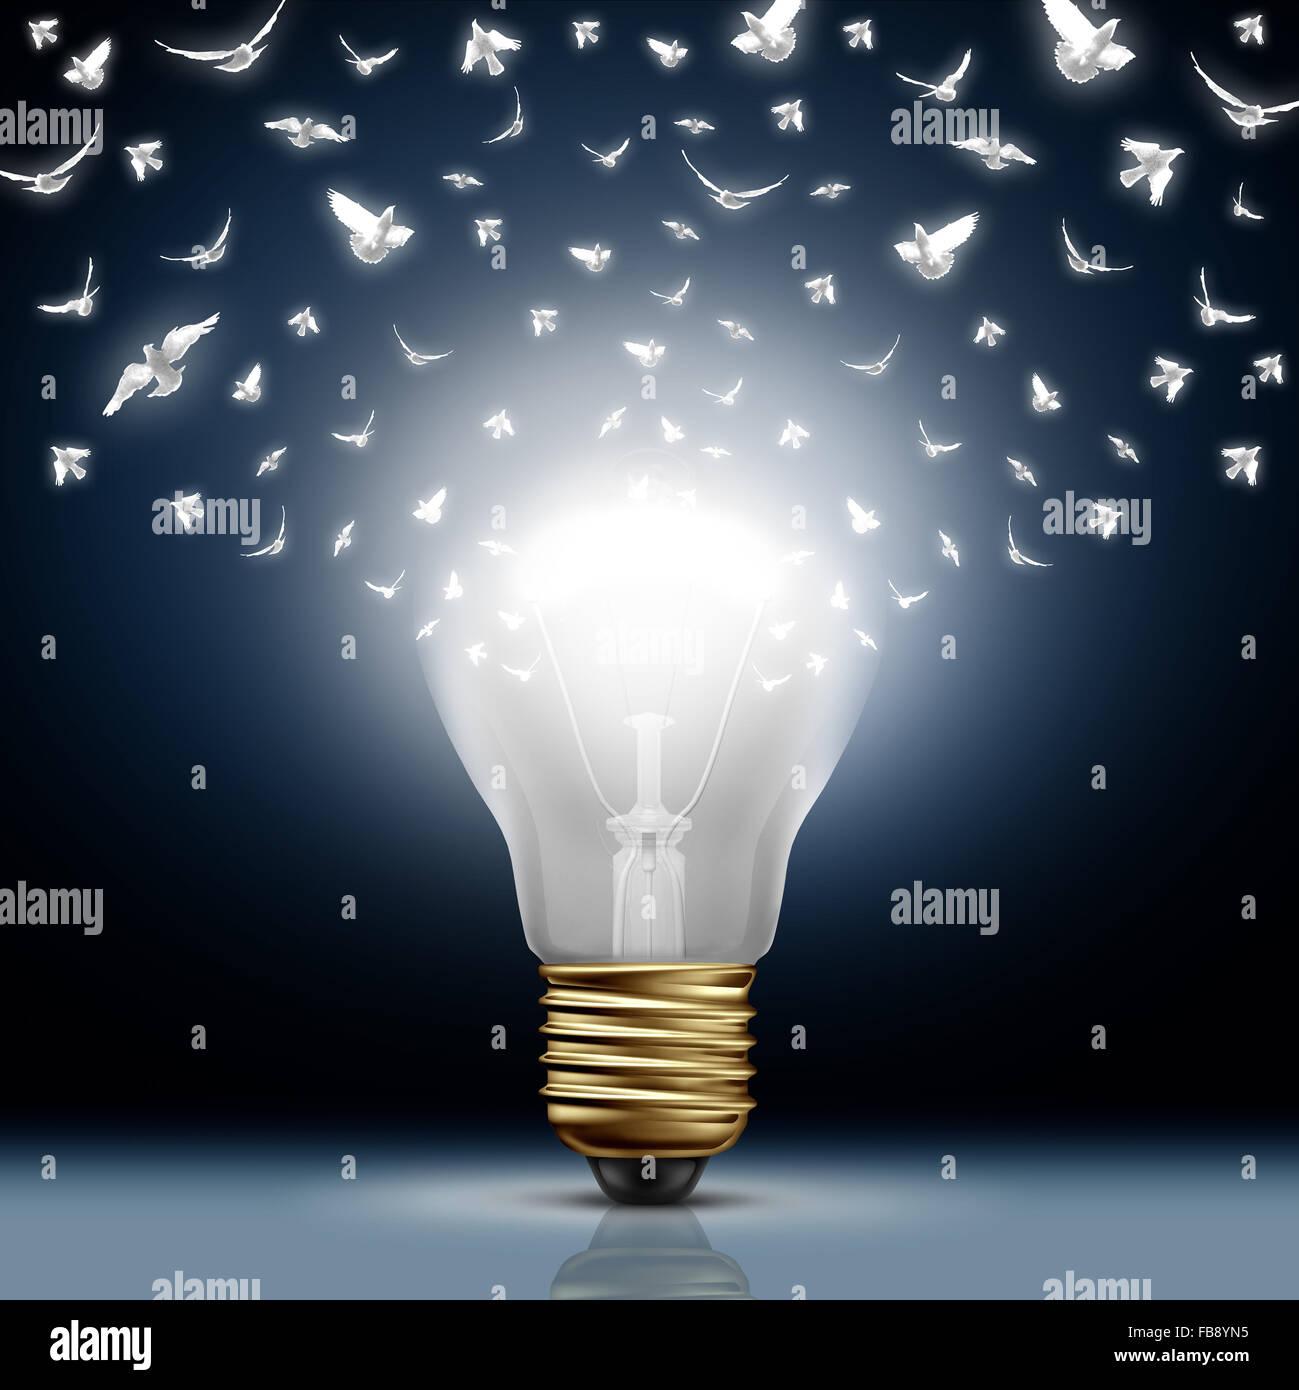 Kreative Start-Konzept als eine hell leuchtende Glühbirne verwandelt, weiße fliegende Vögel als digitale Stockbild